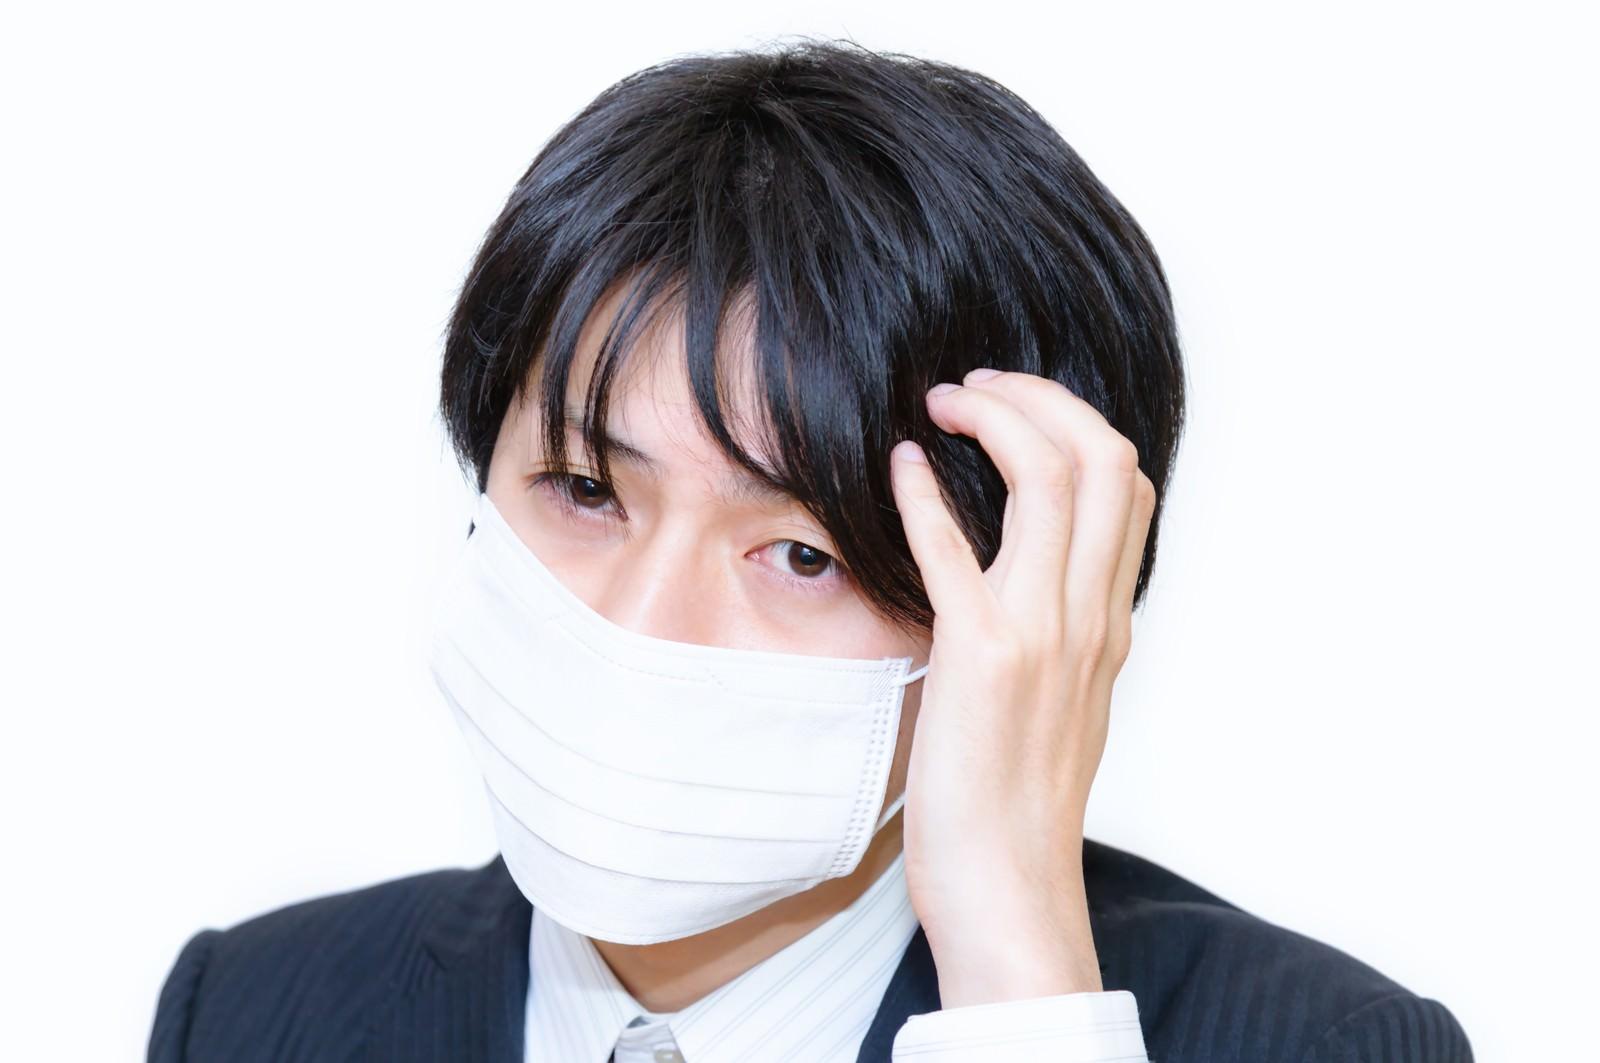 「風邪をひいたかもしれないマスクをした男性」の写真[モデル:Tsuyoshi.]